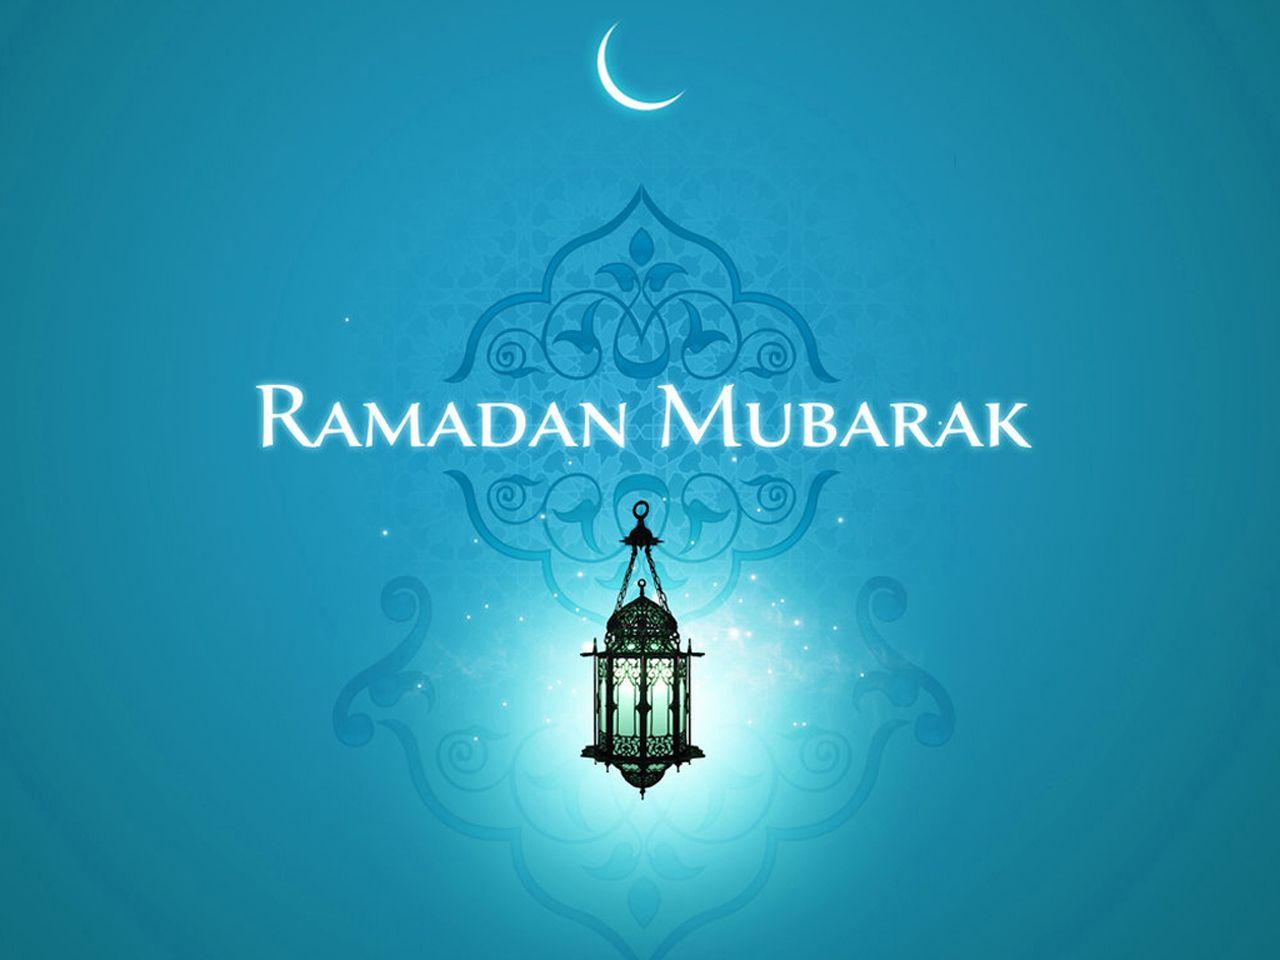 Ramadan Kareem HD Wallpapers 7 #RamadanKareemHDWallpapers #RamadanKareem #hdwallpapers #wallpapers #events